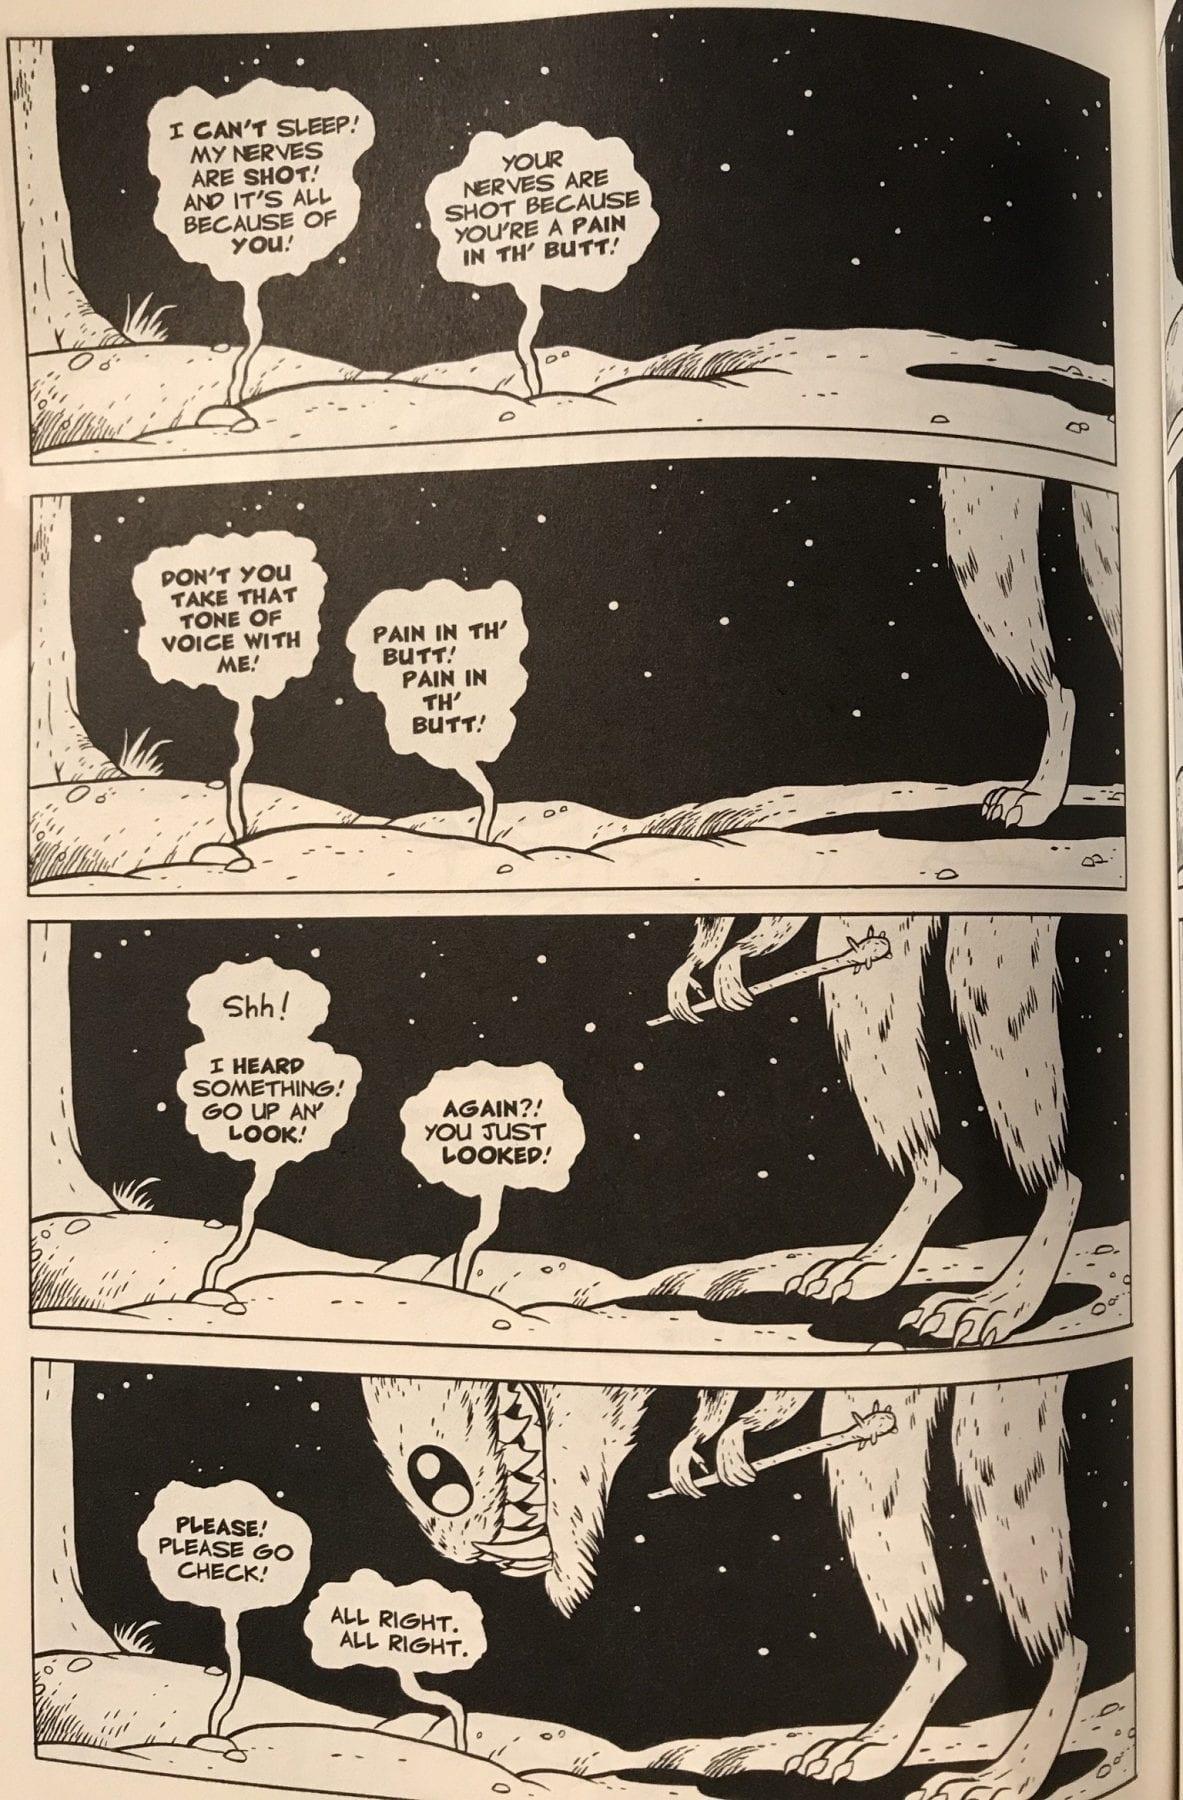 Art from Cartoon Books